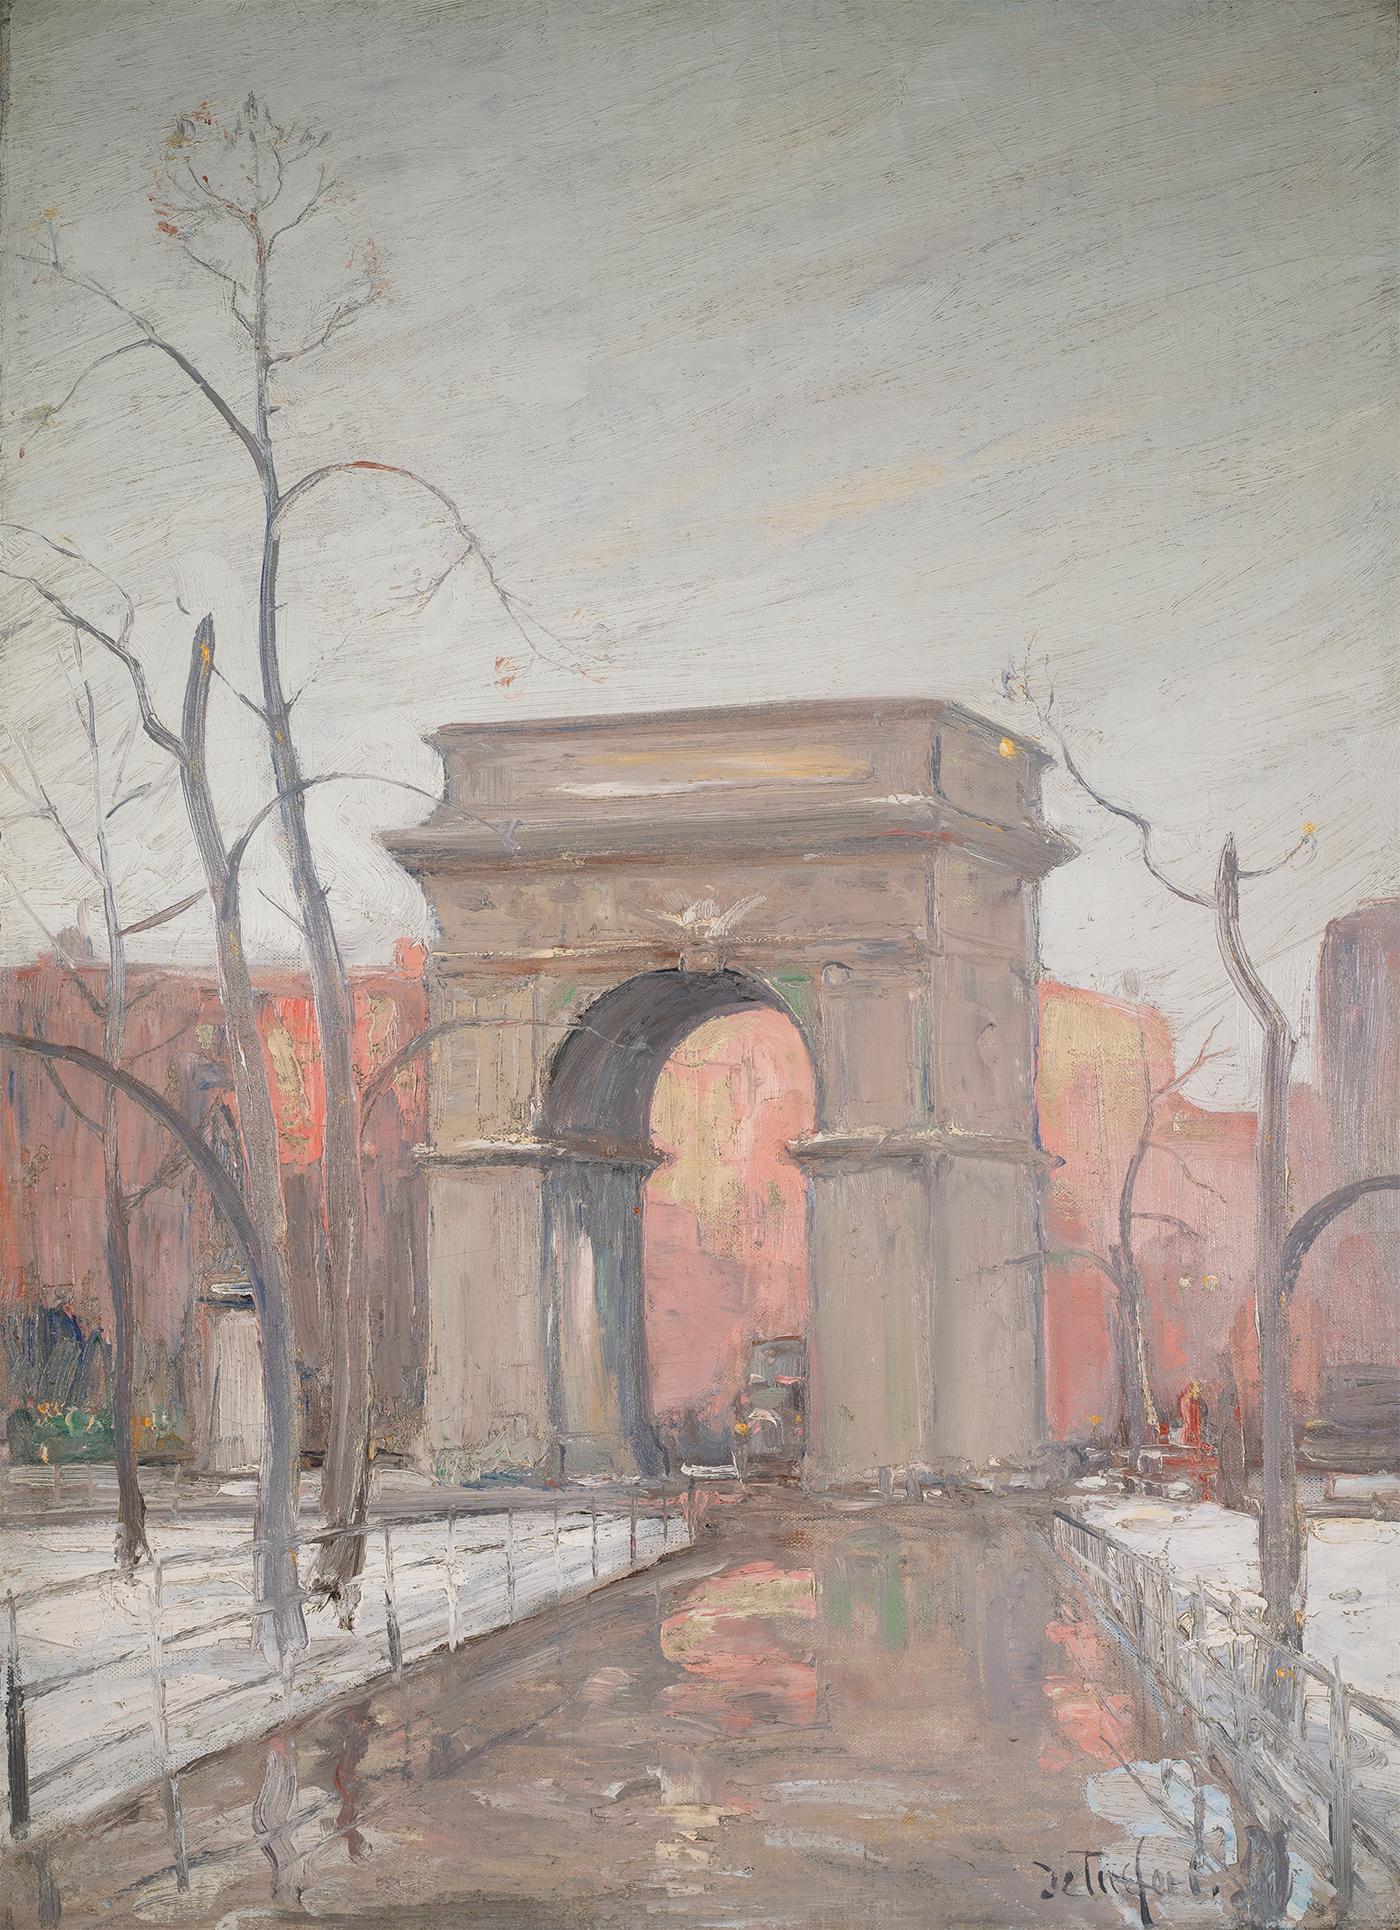 Winter in Washington Square Park